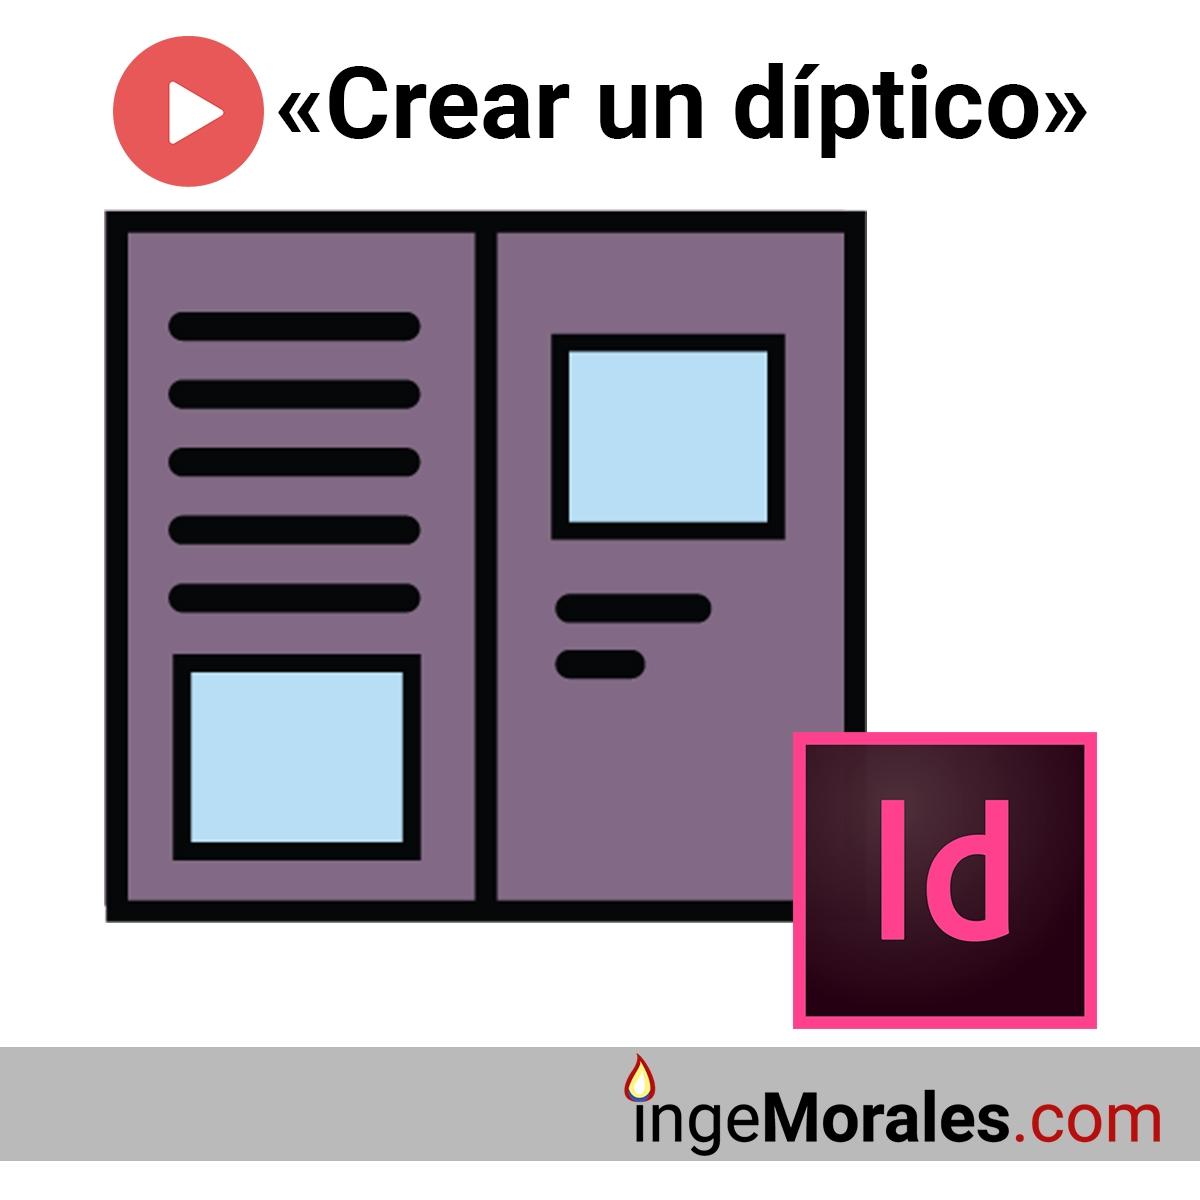 Creación de un díptico en InDesign